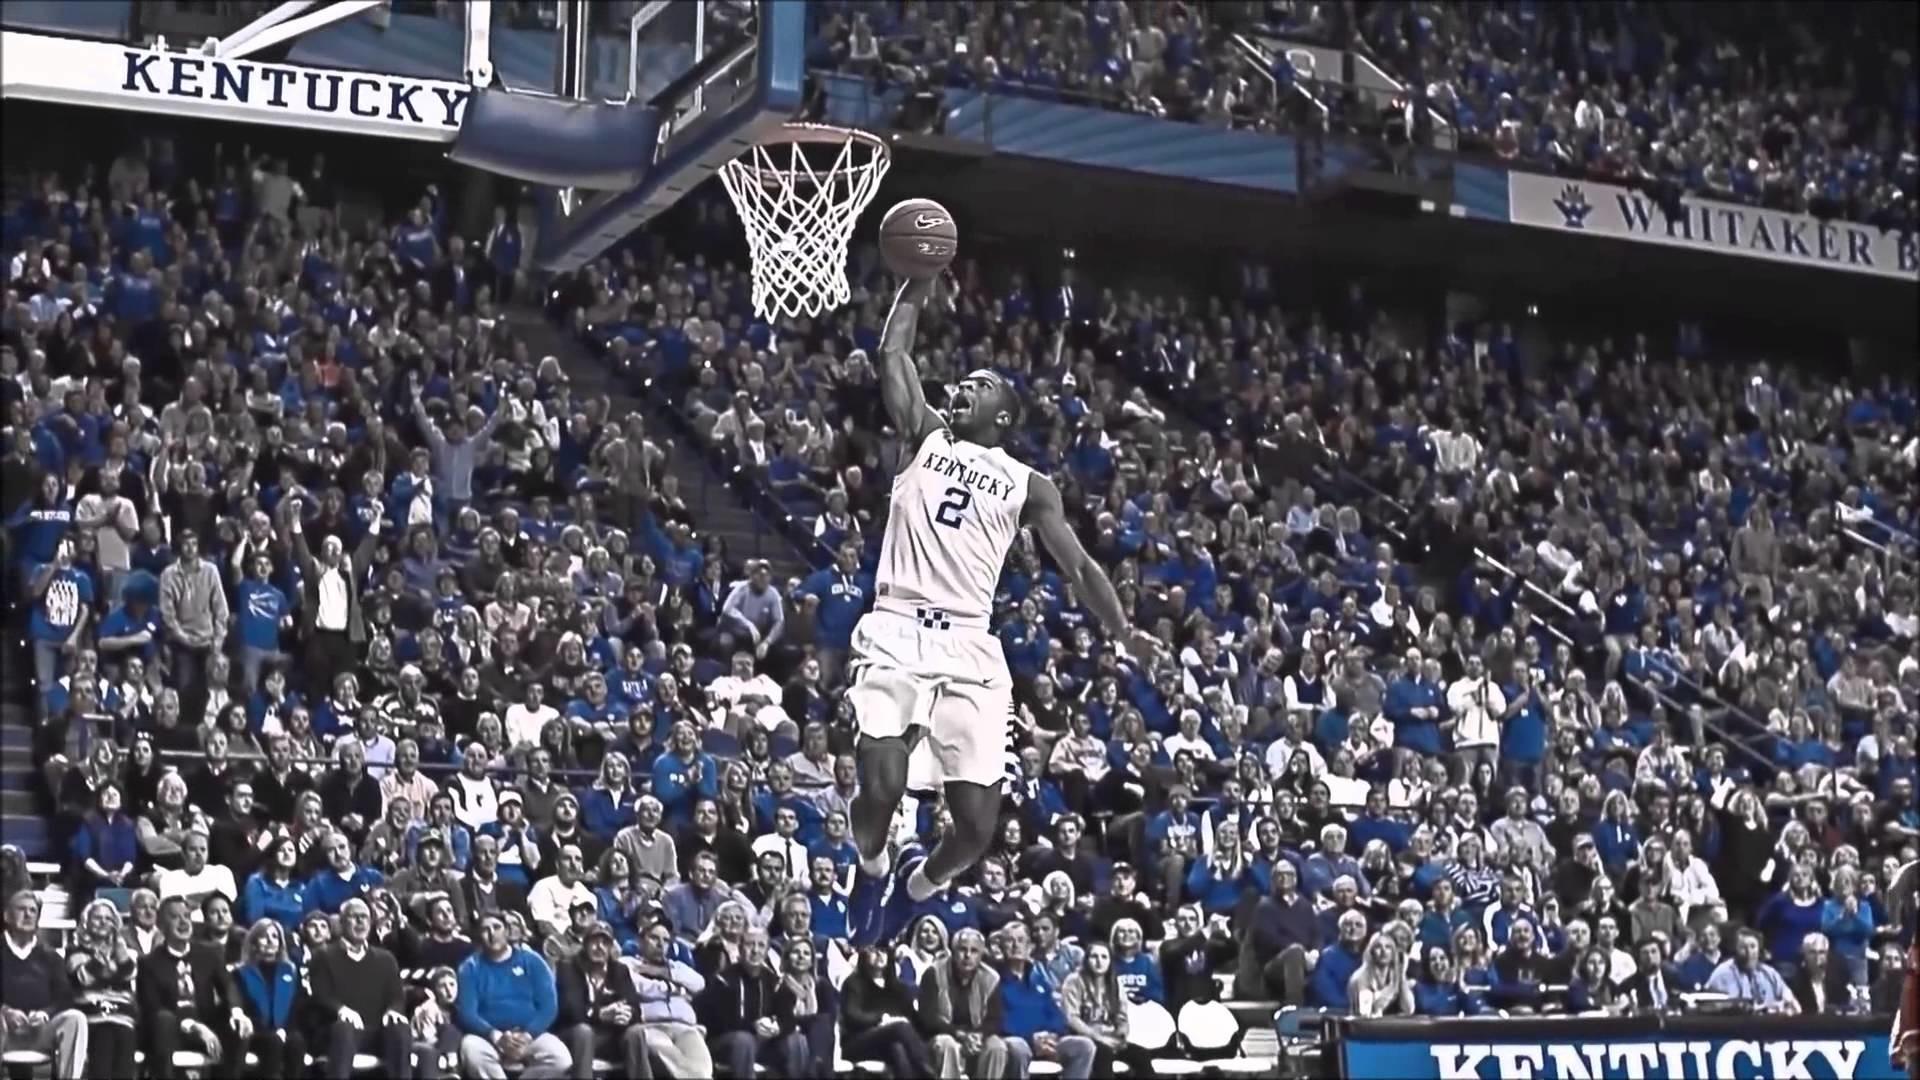 Kentucky Basketball Desktop Wallpaper: Kentucky Wallpapers ·①